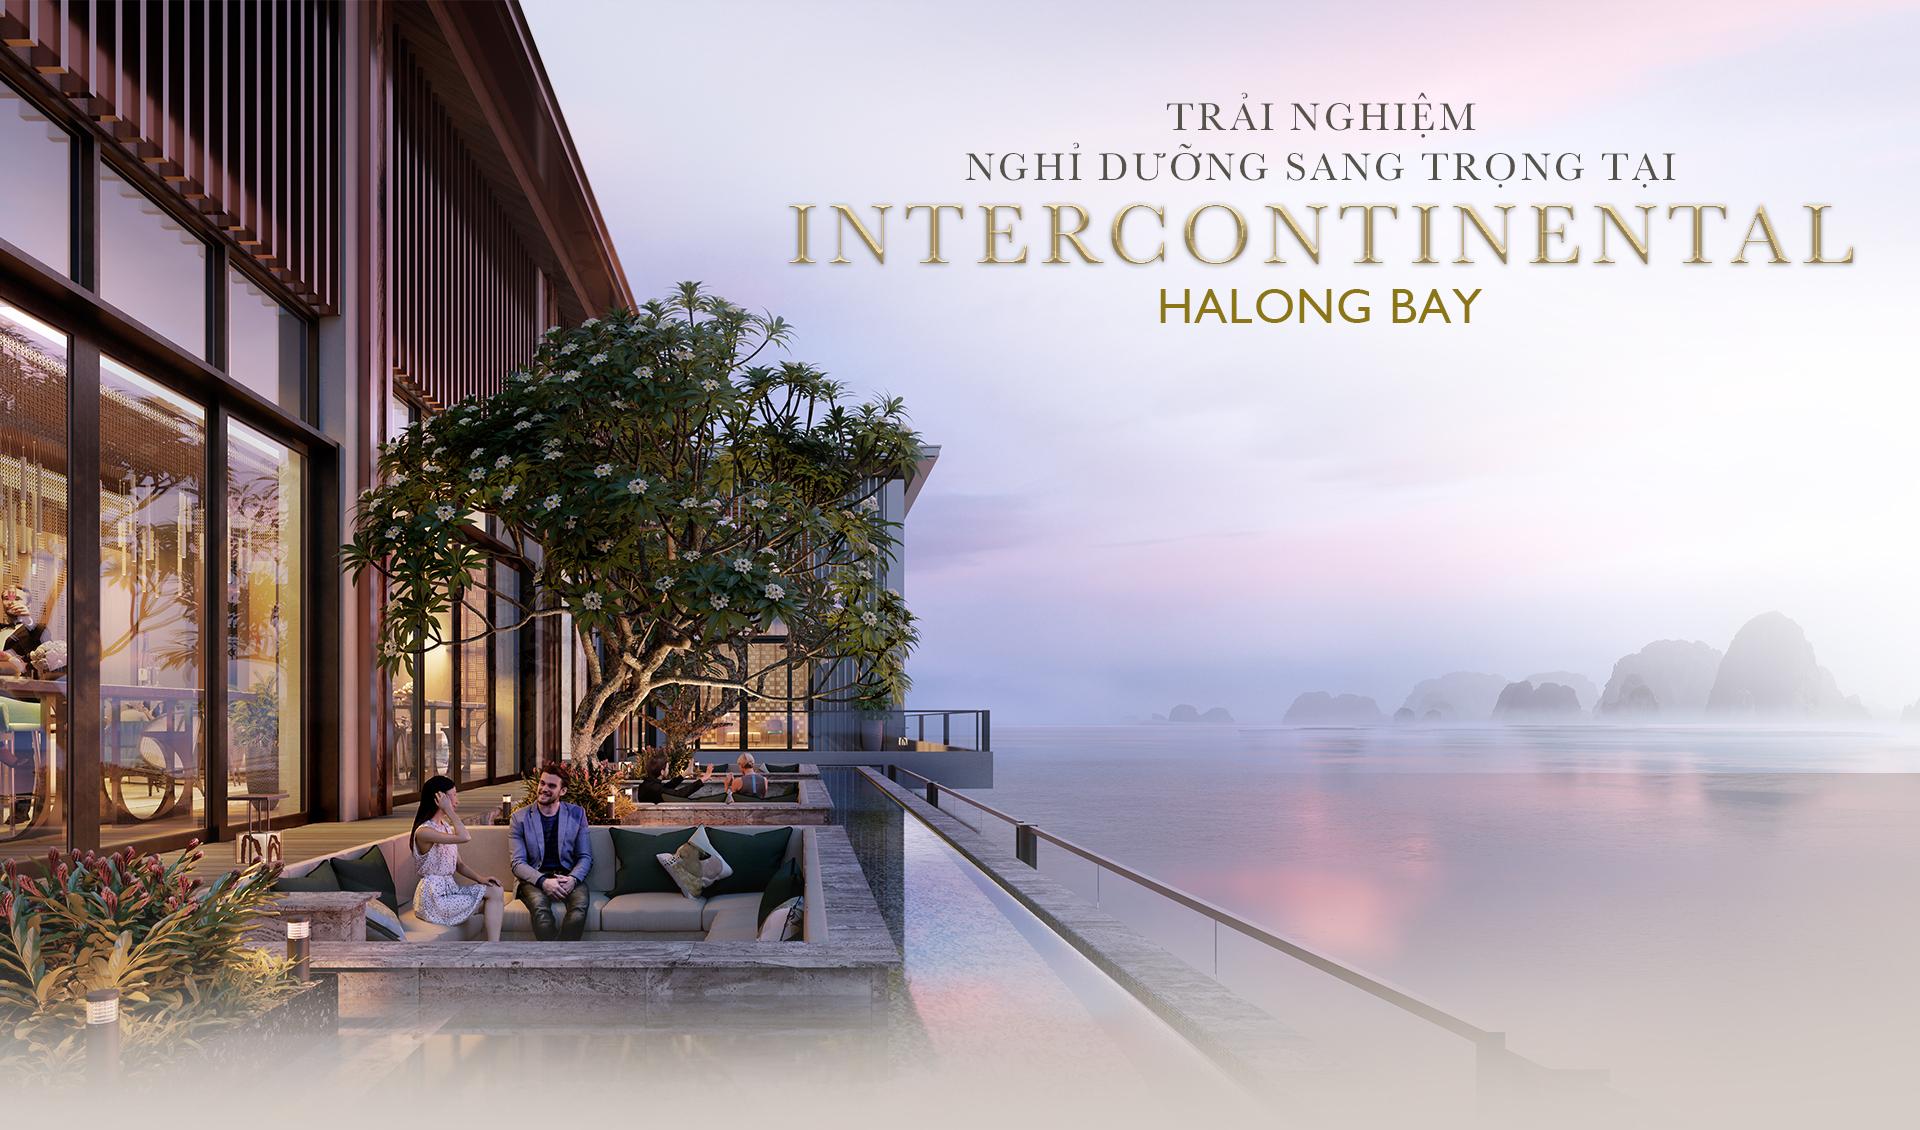 Trải nghiệm nghỉ dưỡng sang trọng tại InterContinental Halong Bay 2020 15